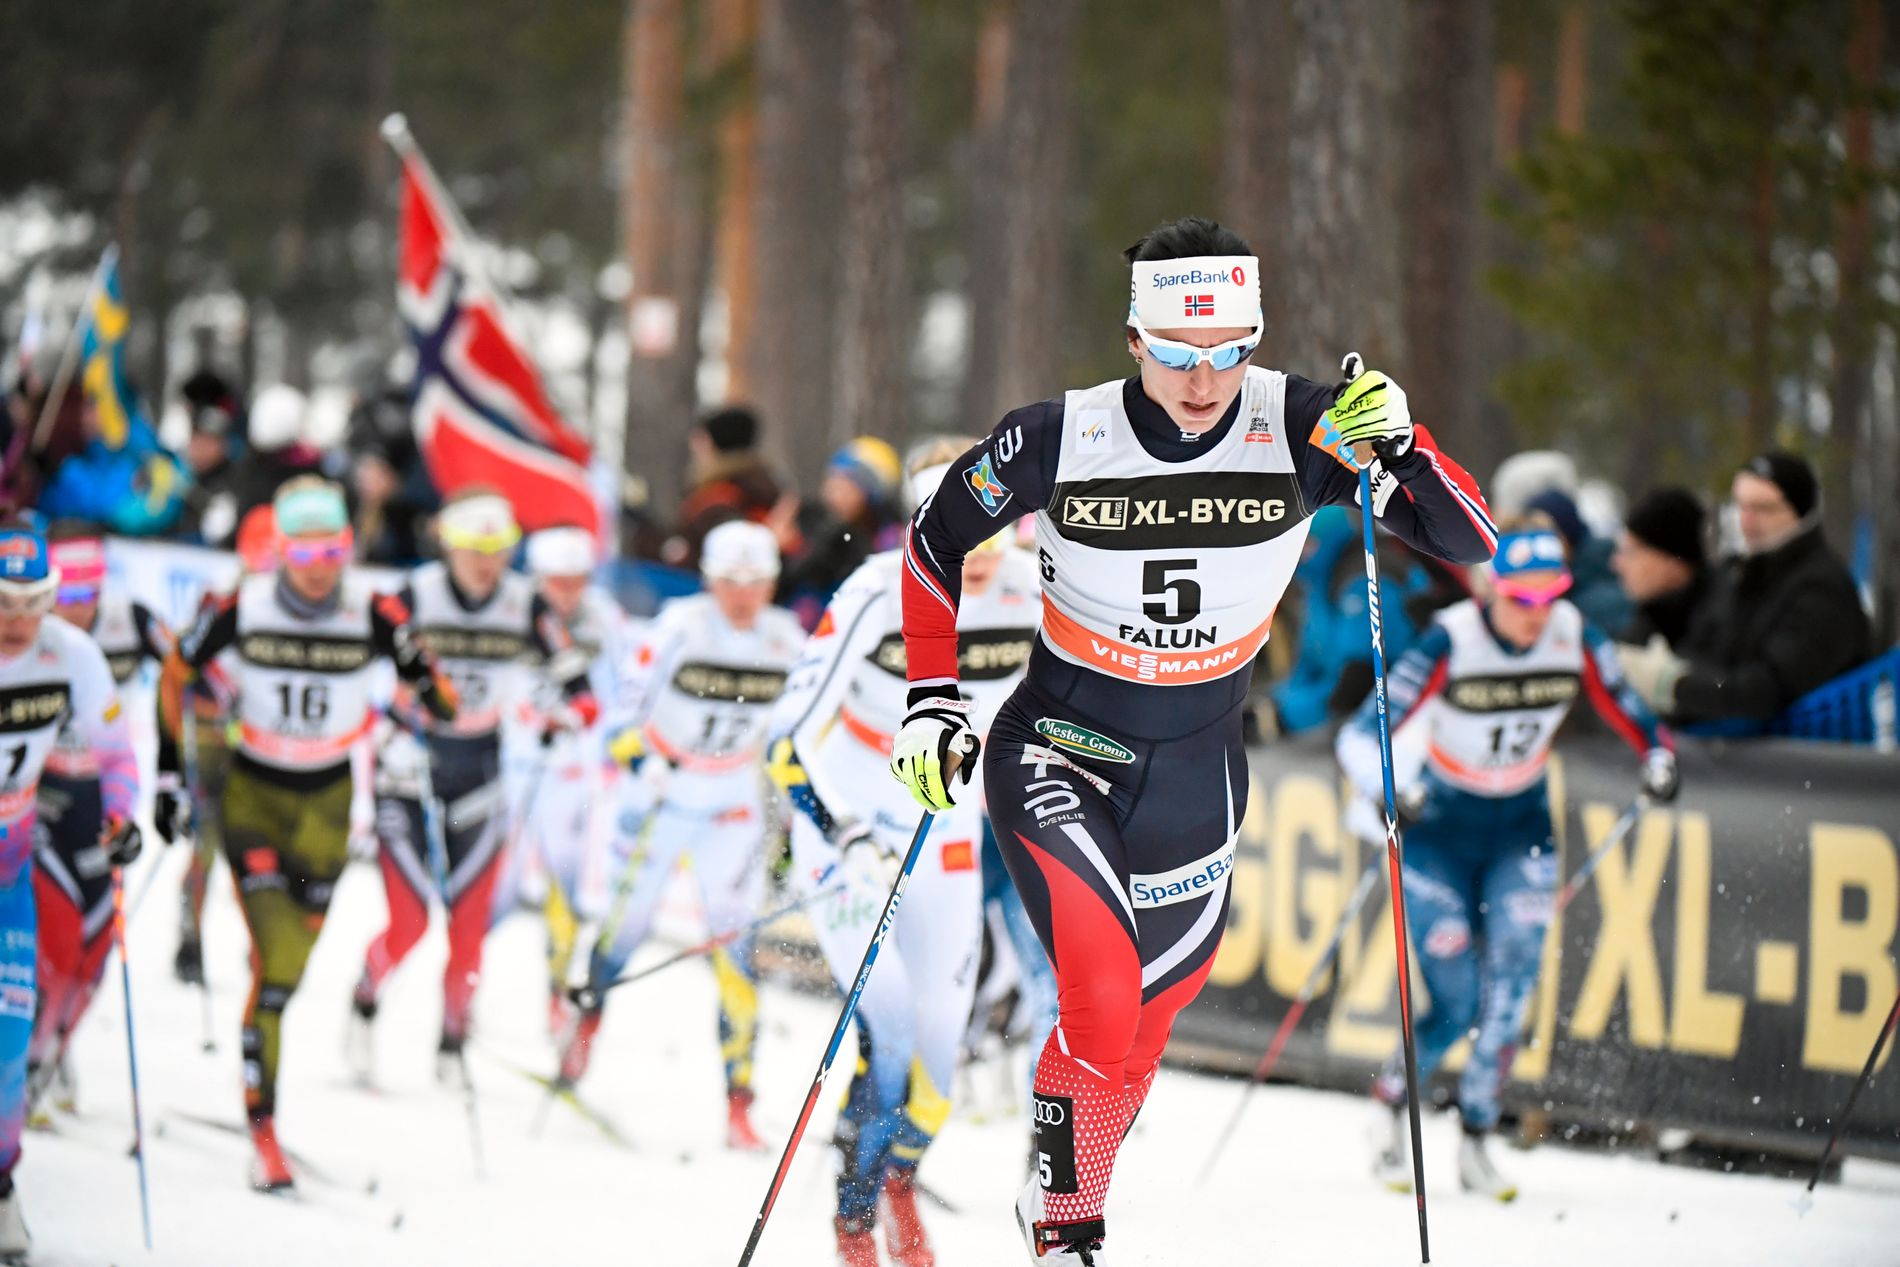 HERJET HOS SÖTA BROR: Marit Bjørgen, her fra 10 kilometeren i Falun søndag, som hun til slutt vant.